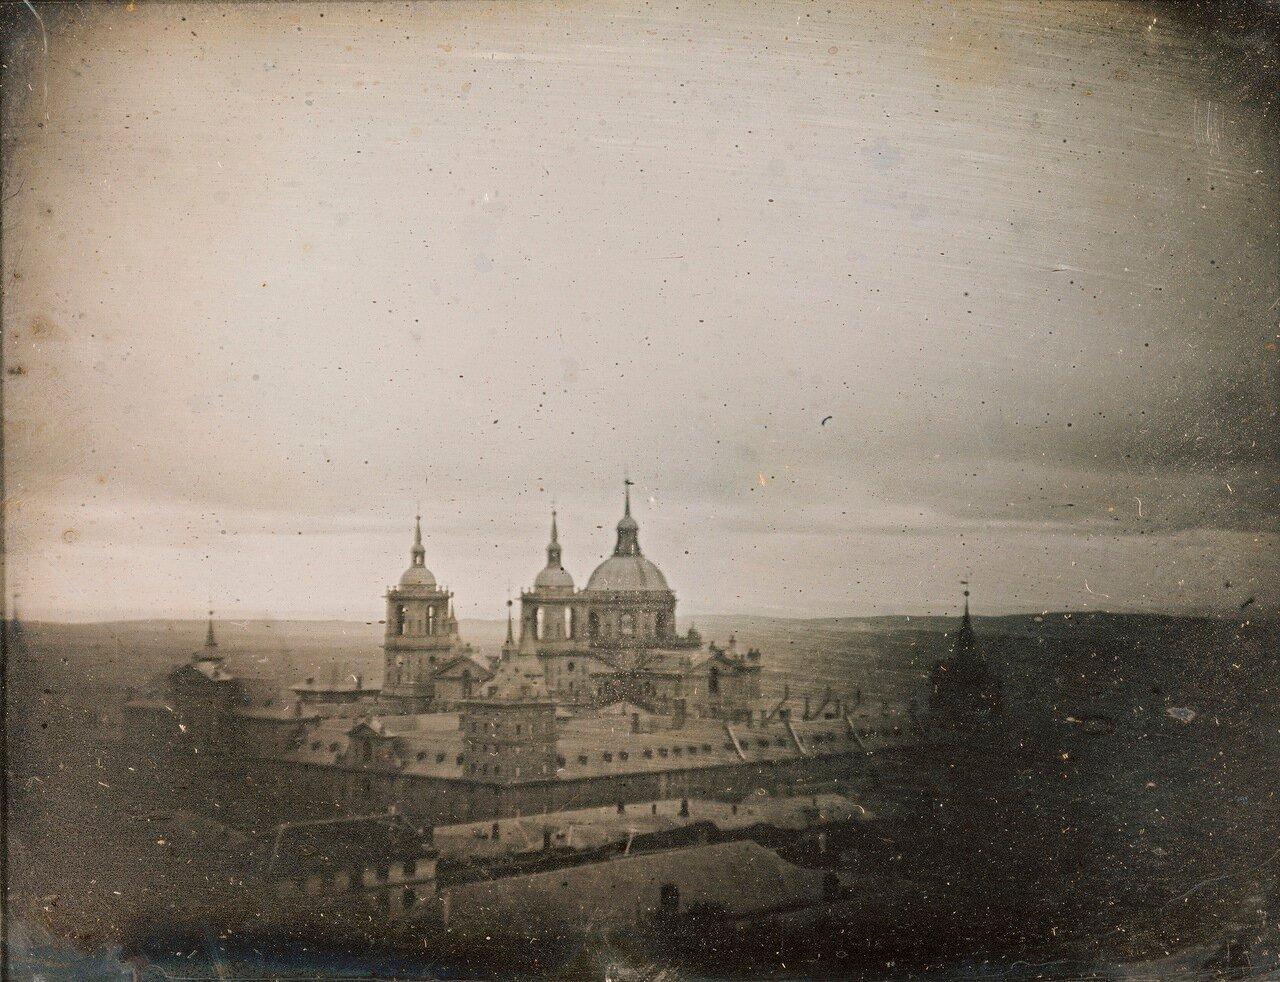 1845. Мадрид. Эскориал